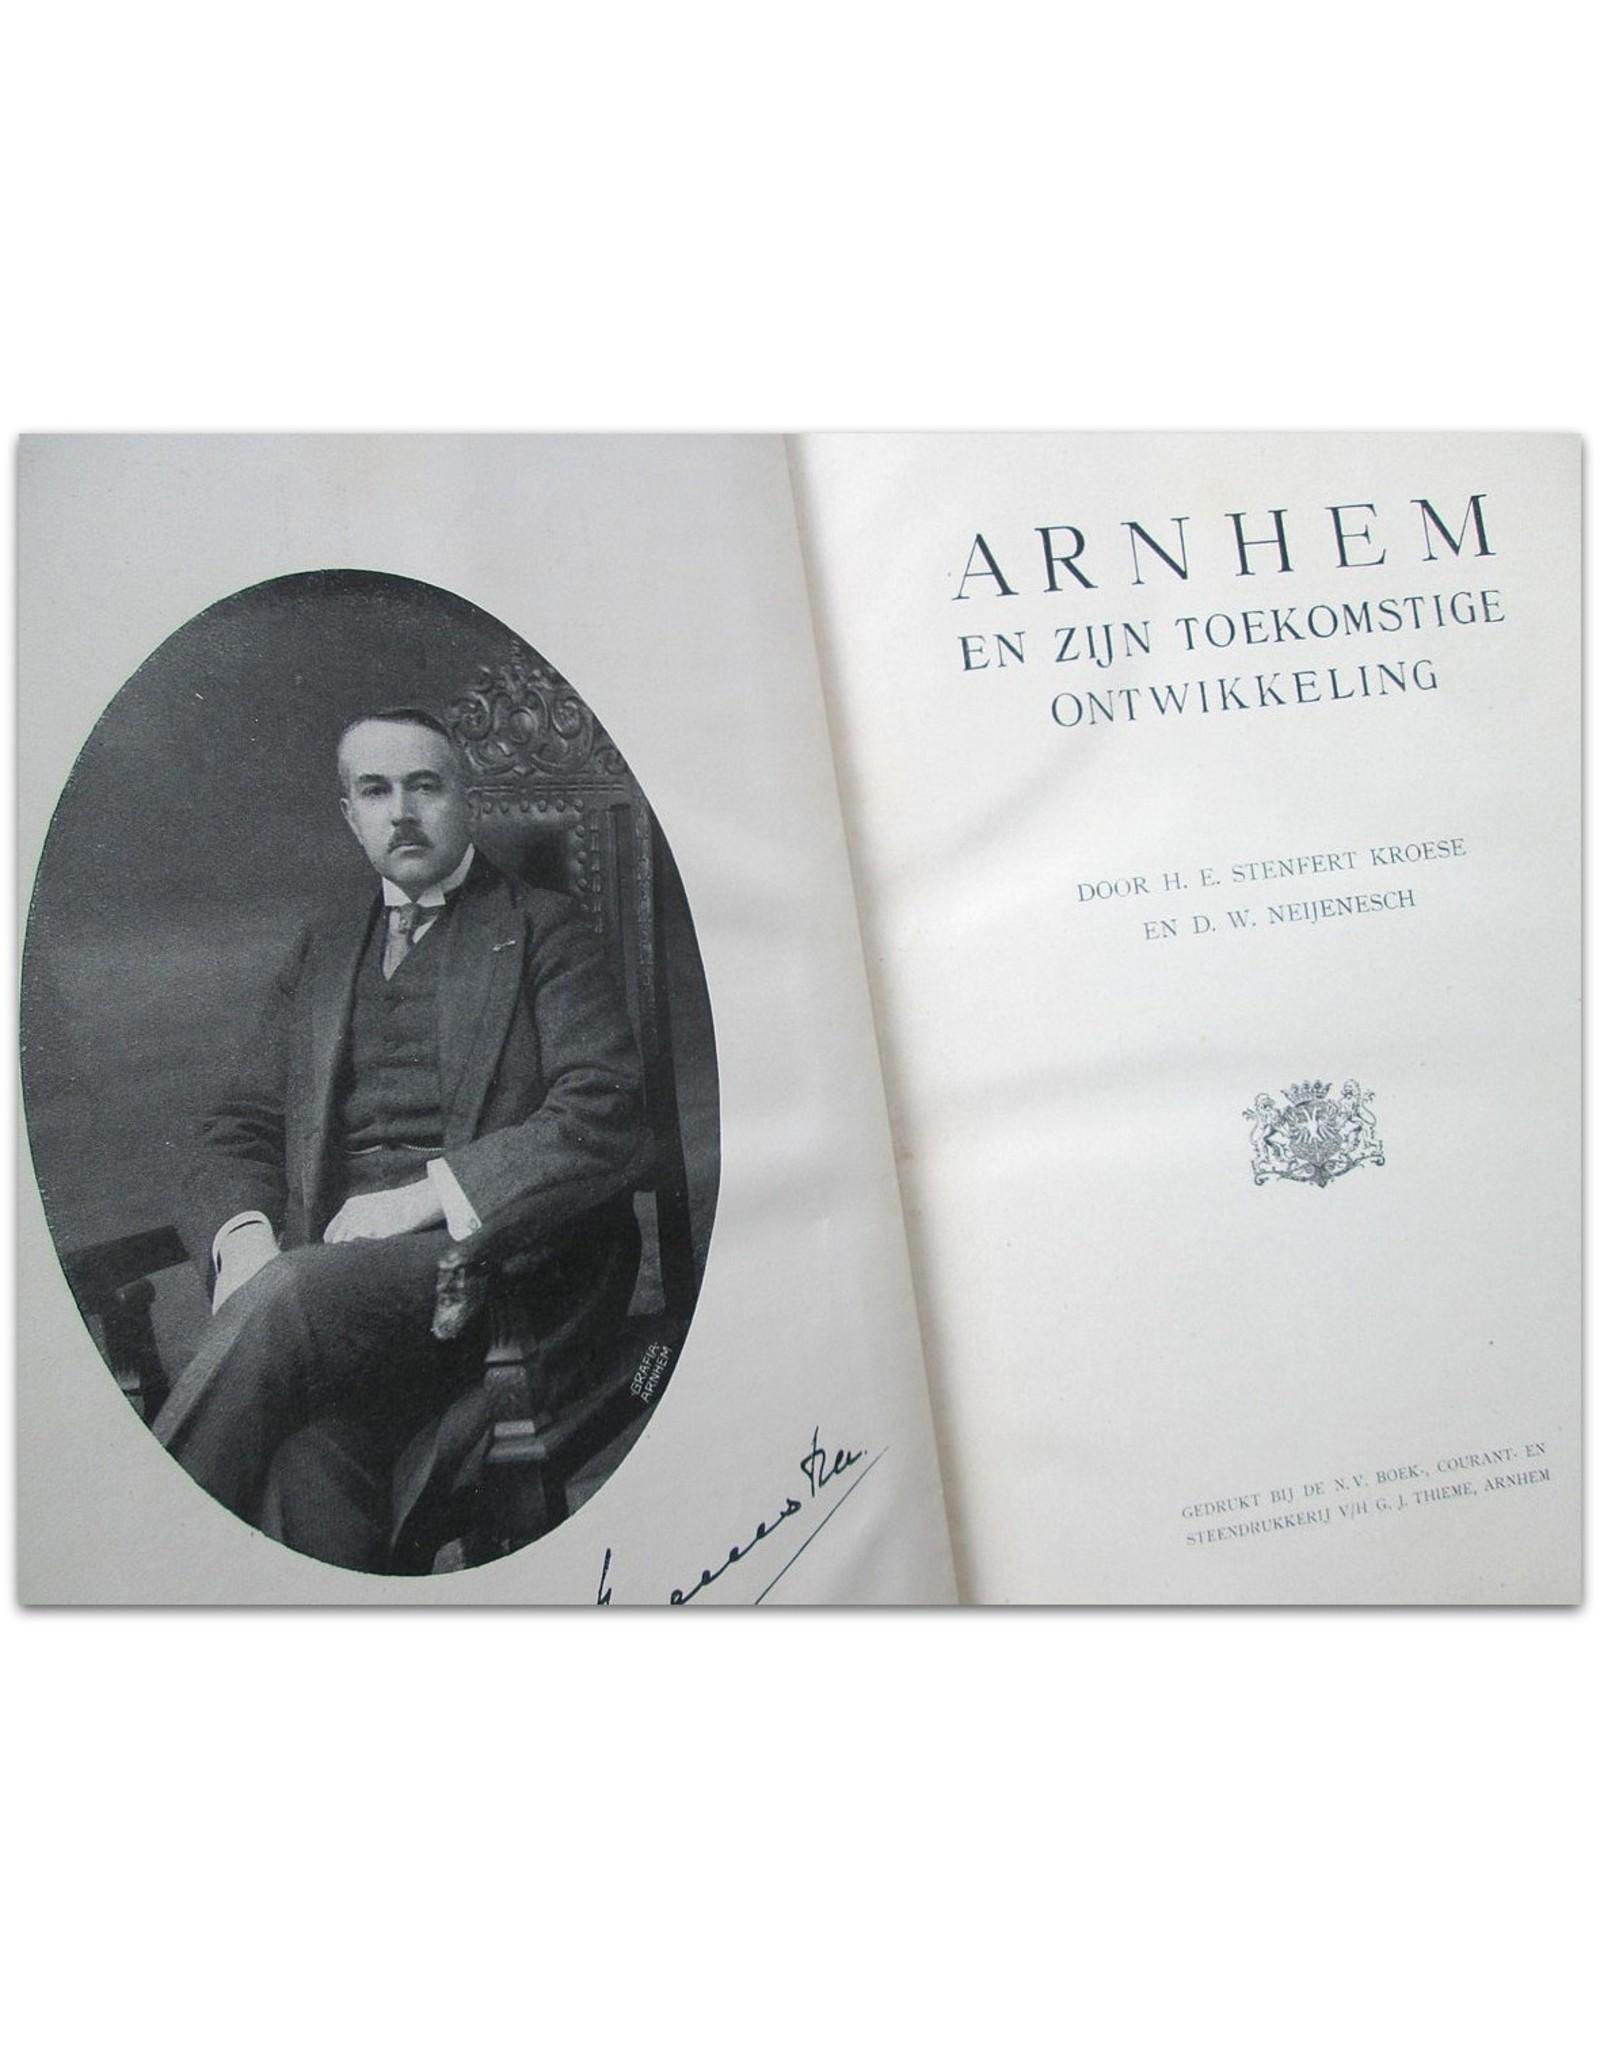 Arnhem en zijn toekomstige ontwikkeling. Door H.E. Stenfert Kroese en D.W. Neijenesch